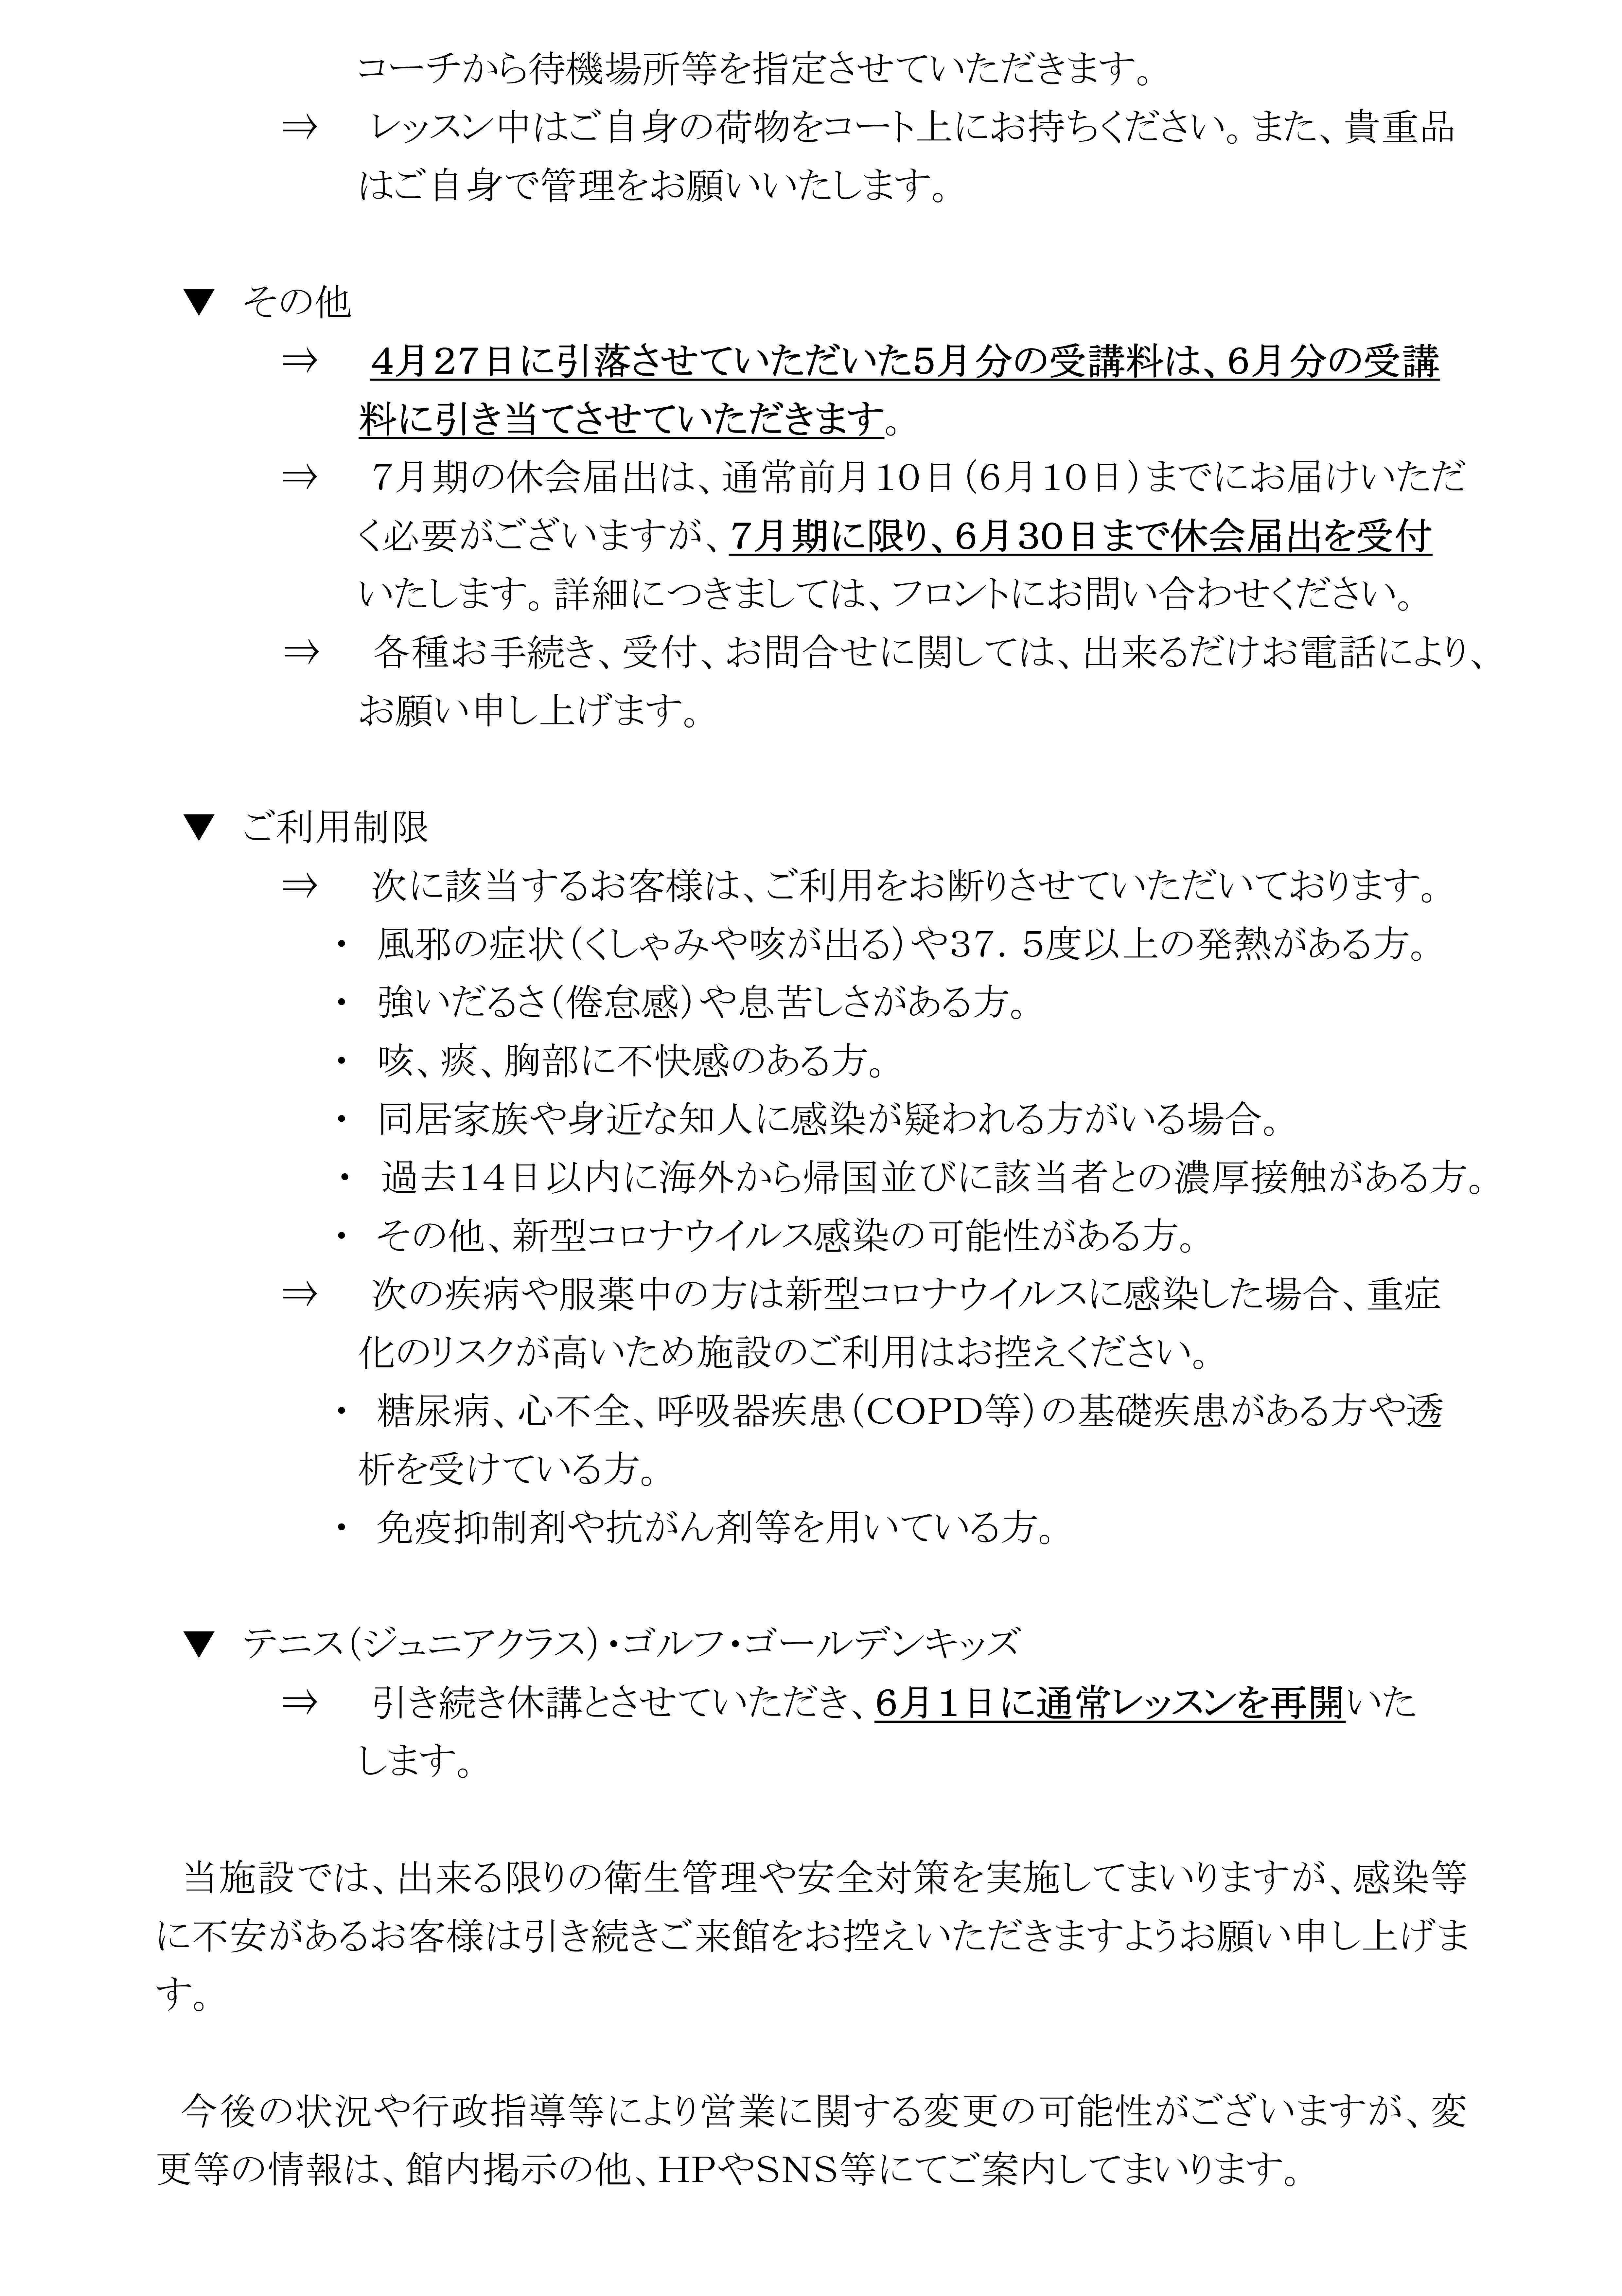 (港北)通常営業再開のお知らせ20200608(更新)-04 (2).jpg